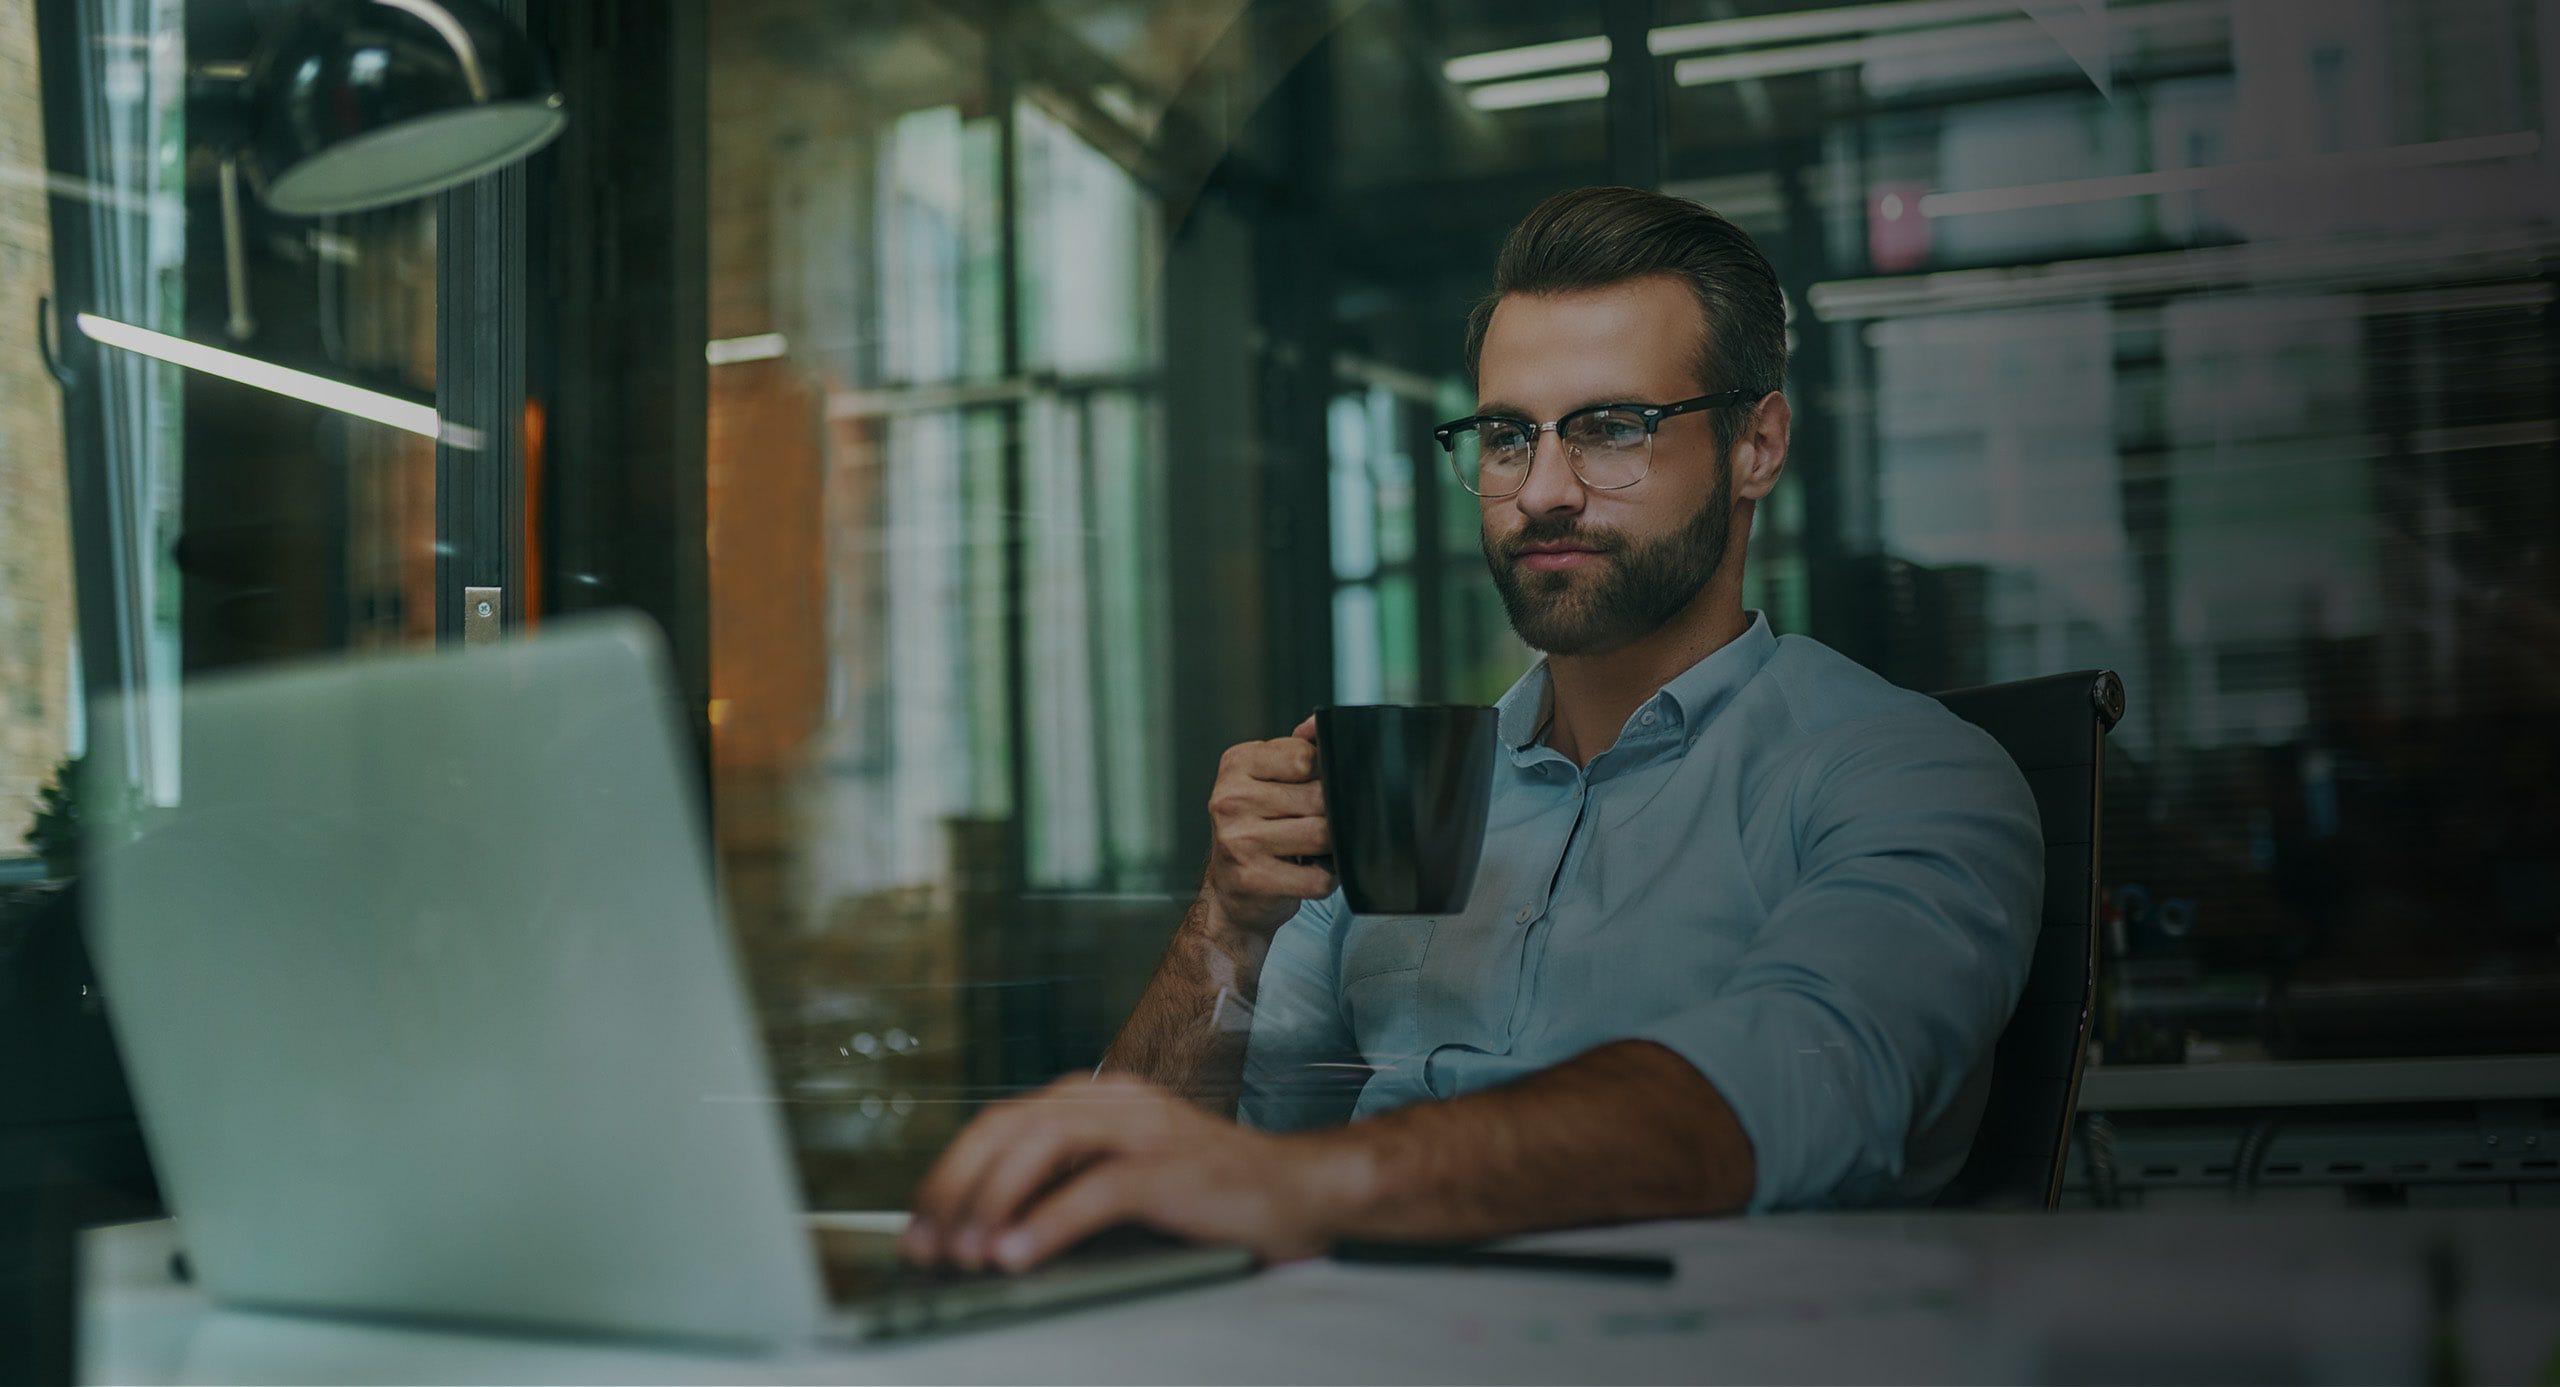 Ein Mann schaut ein Webinar auf seinem Laptop